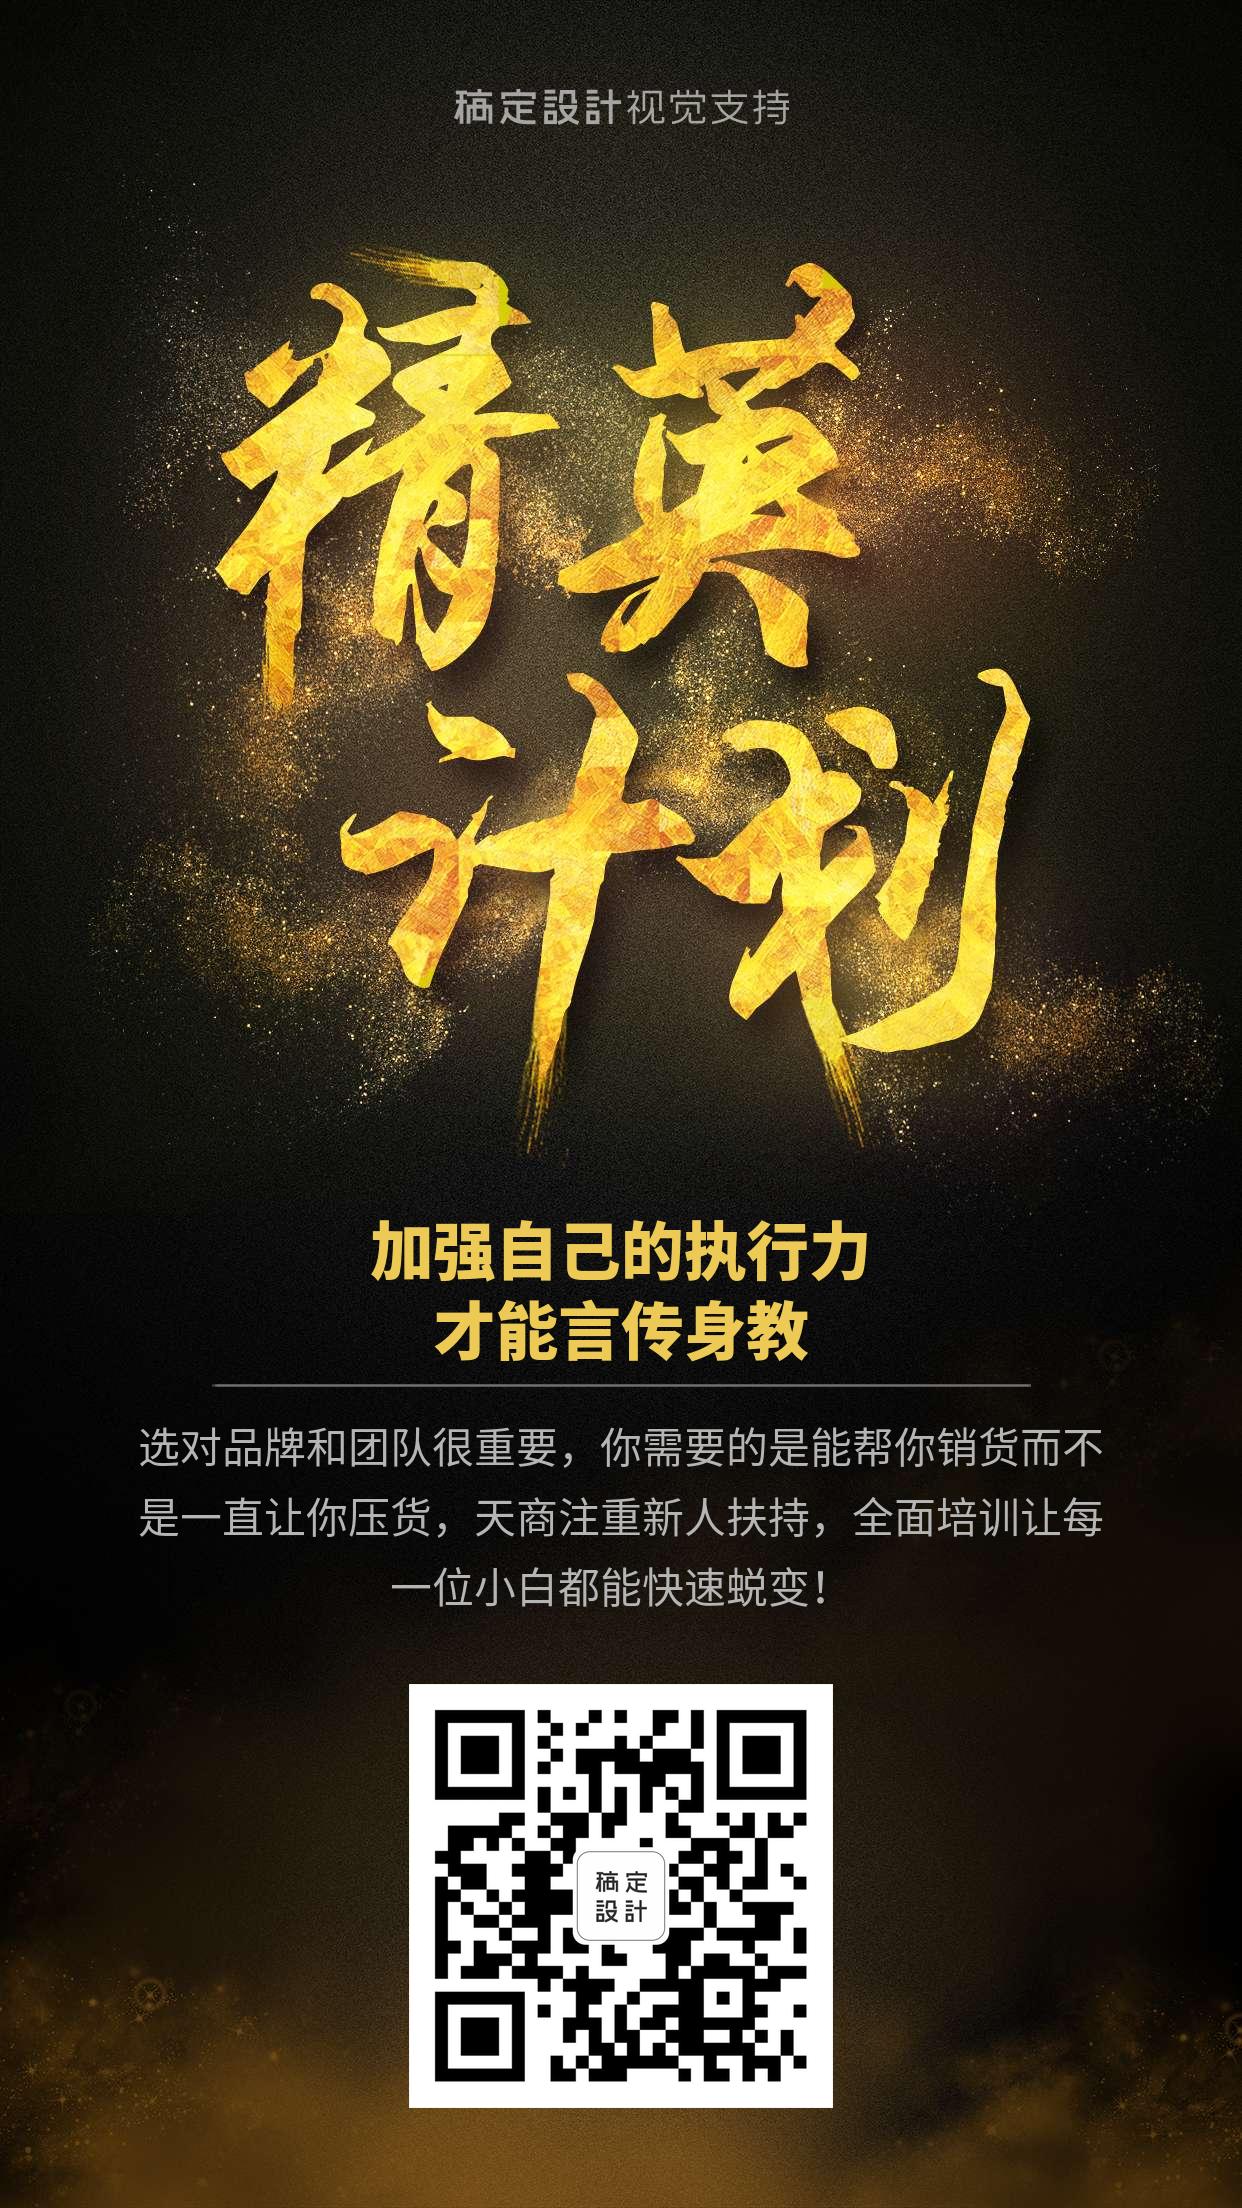 经营计划炫酷手机海报